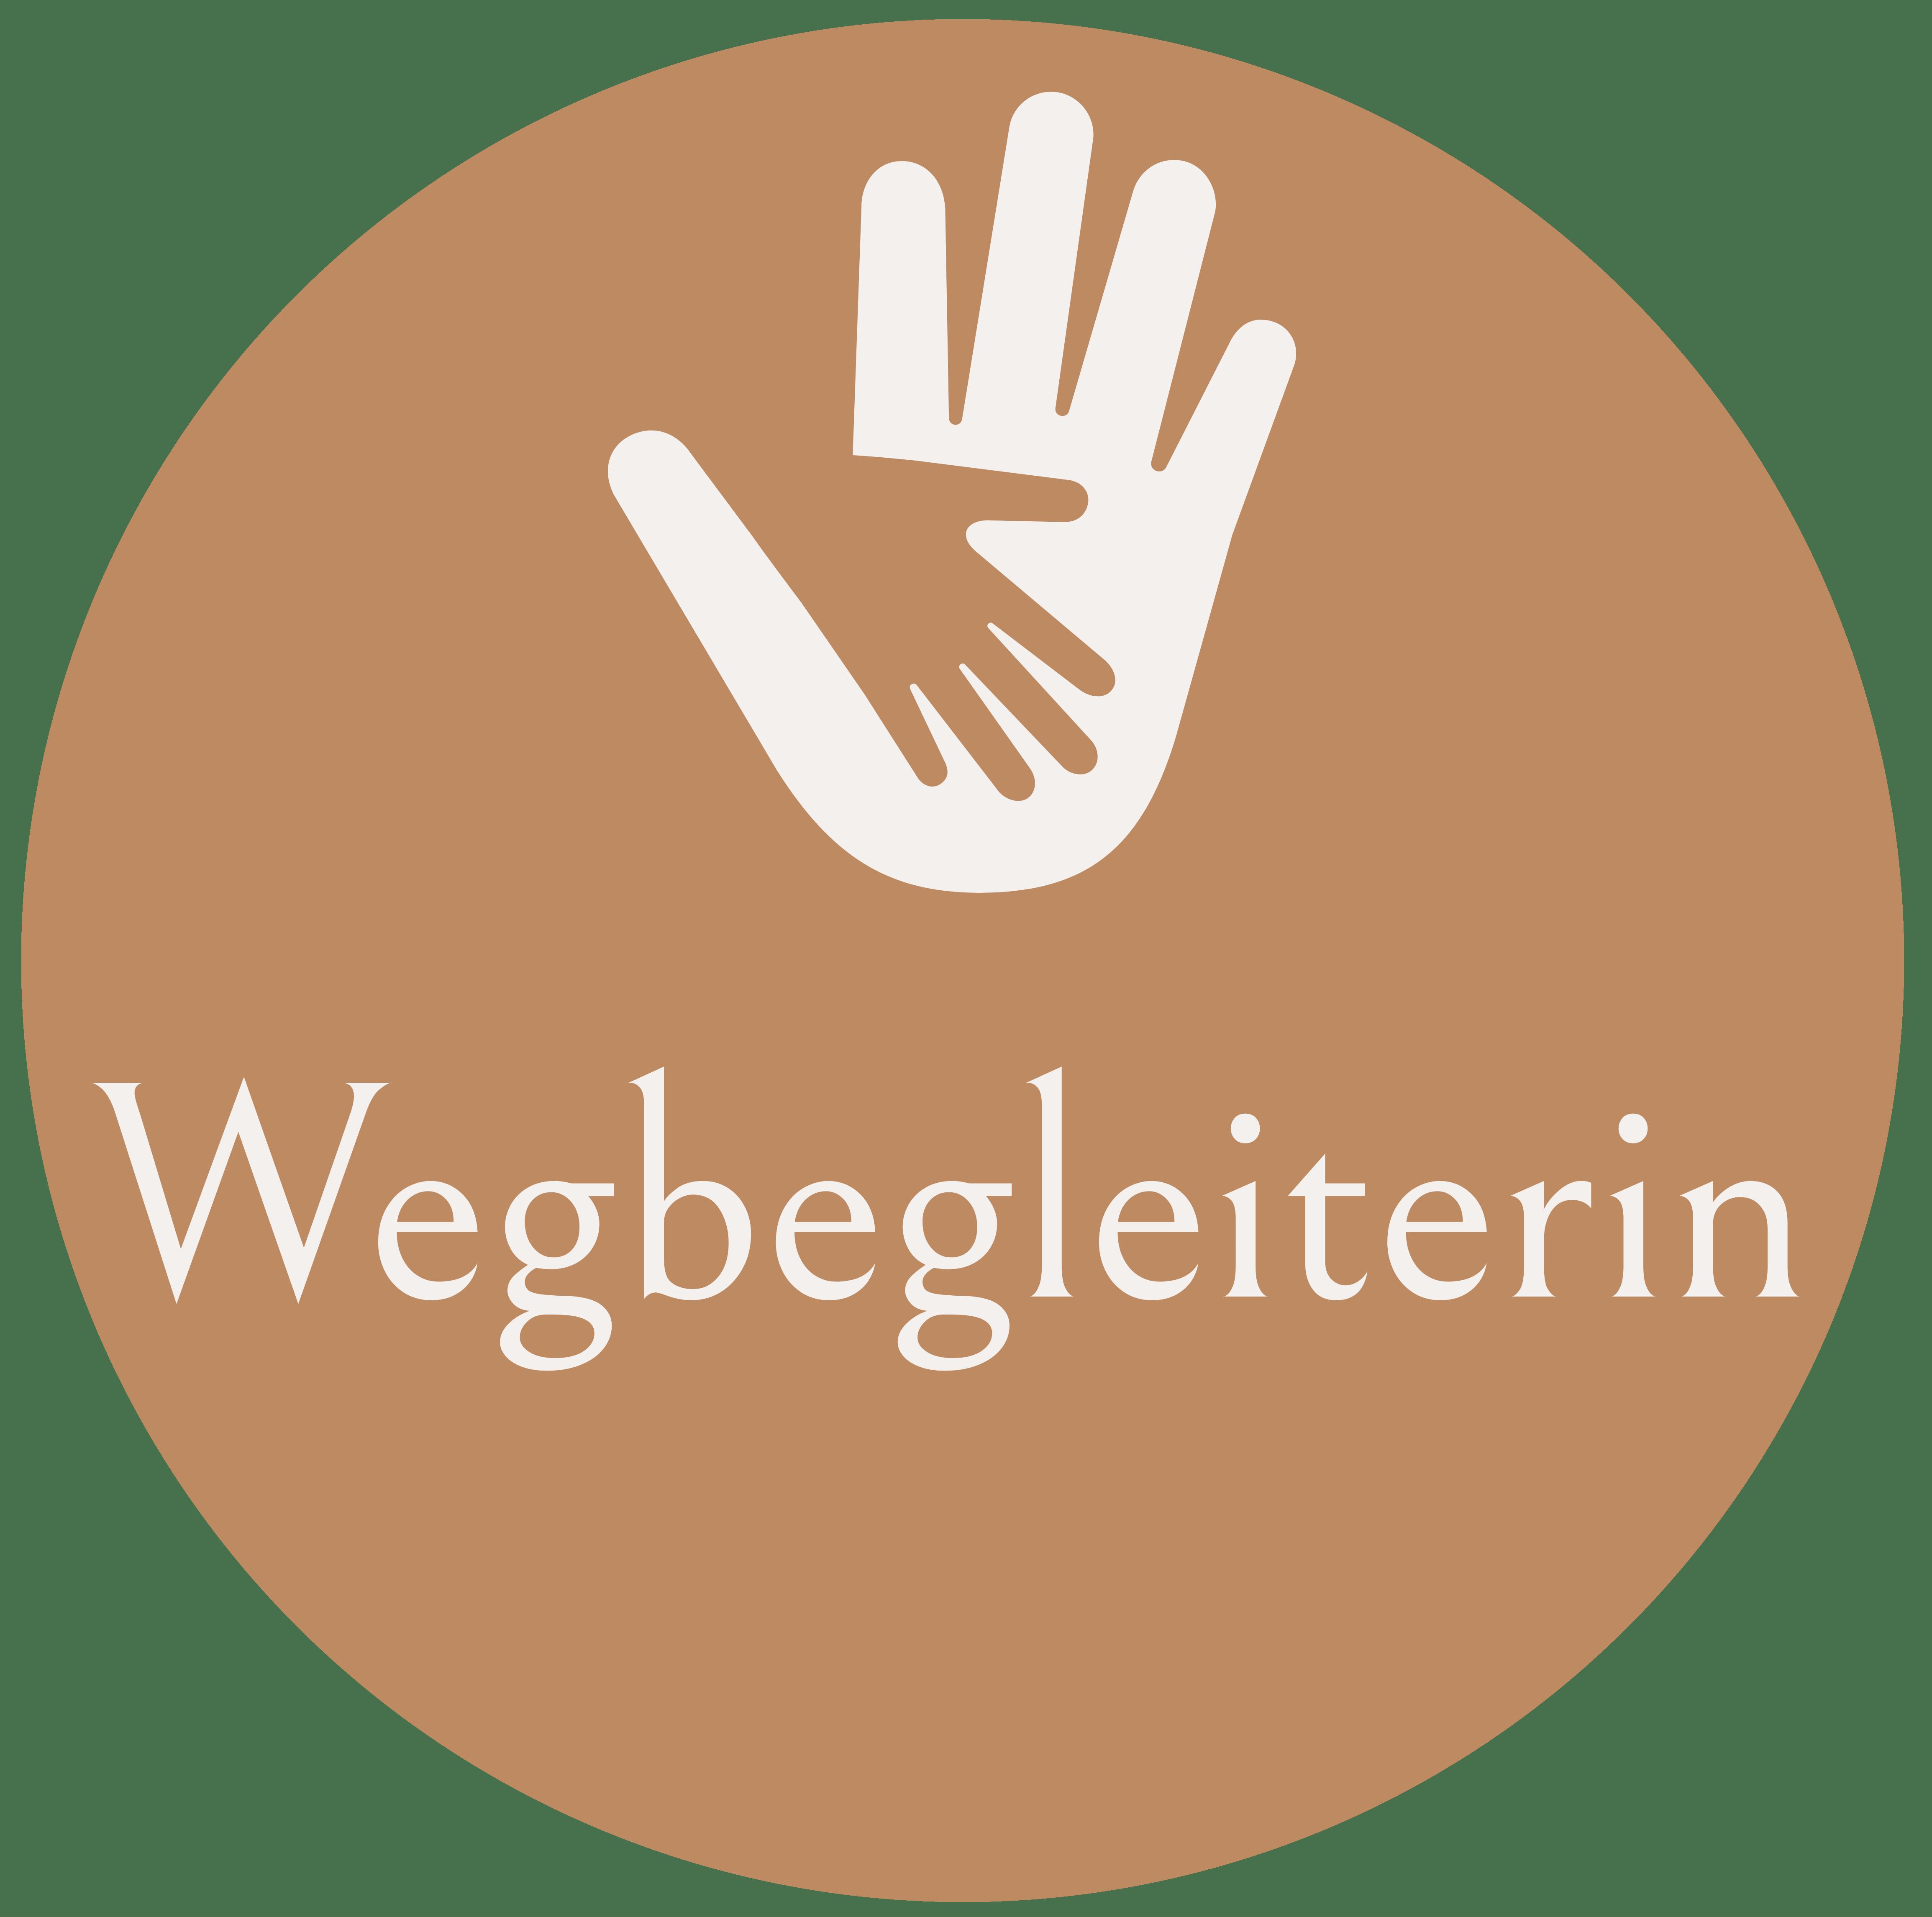 Meine Wegbegleiterin – Therapie in Bad Tölz – Diana Eichmüller